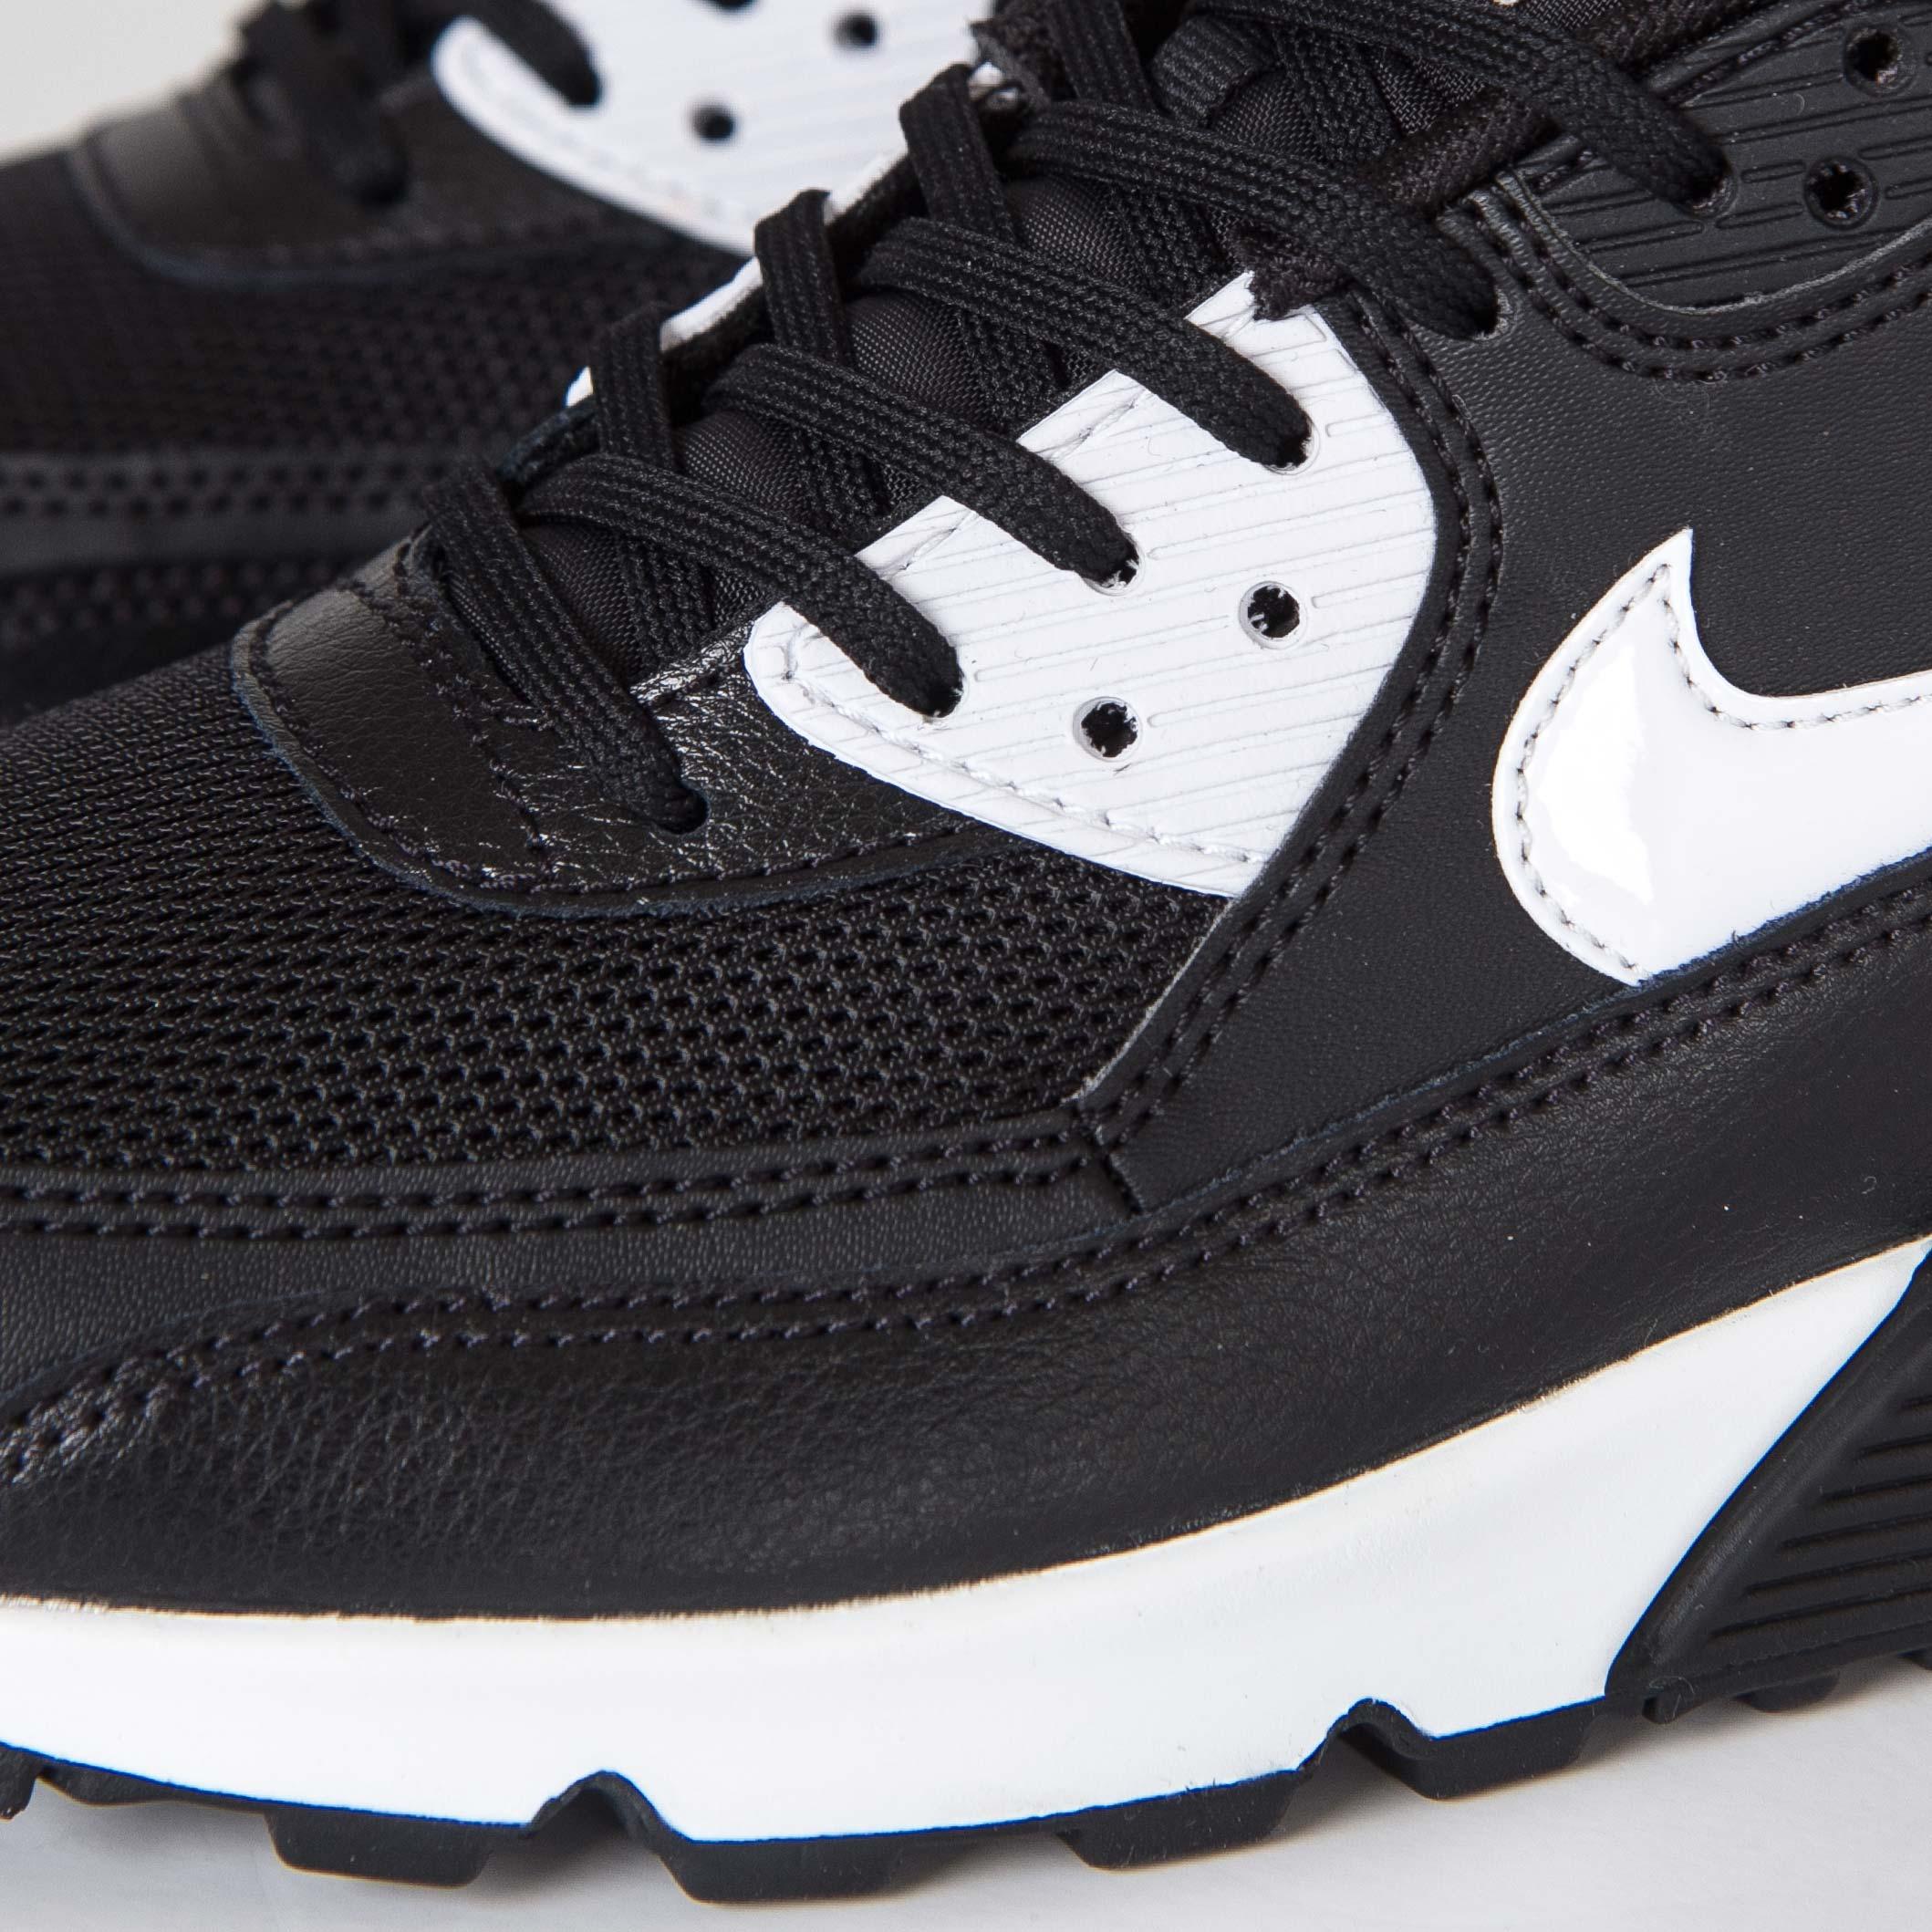 cheaper 01818 9dfe2 ... Nike Wmns Air Max 90 Essential